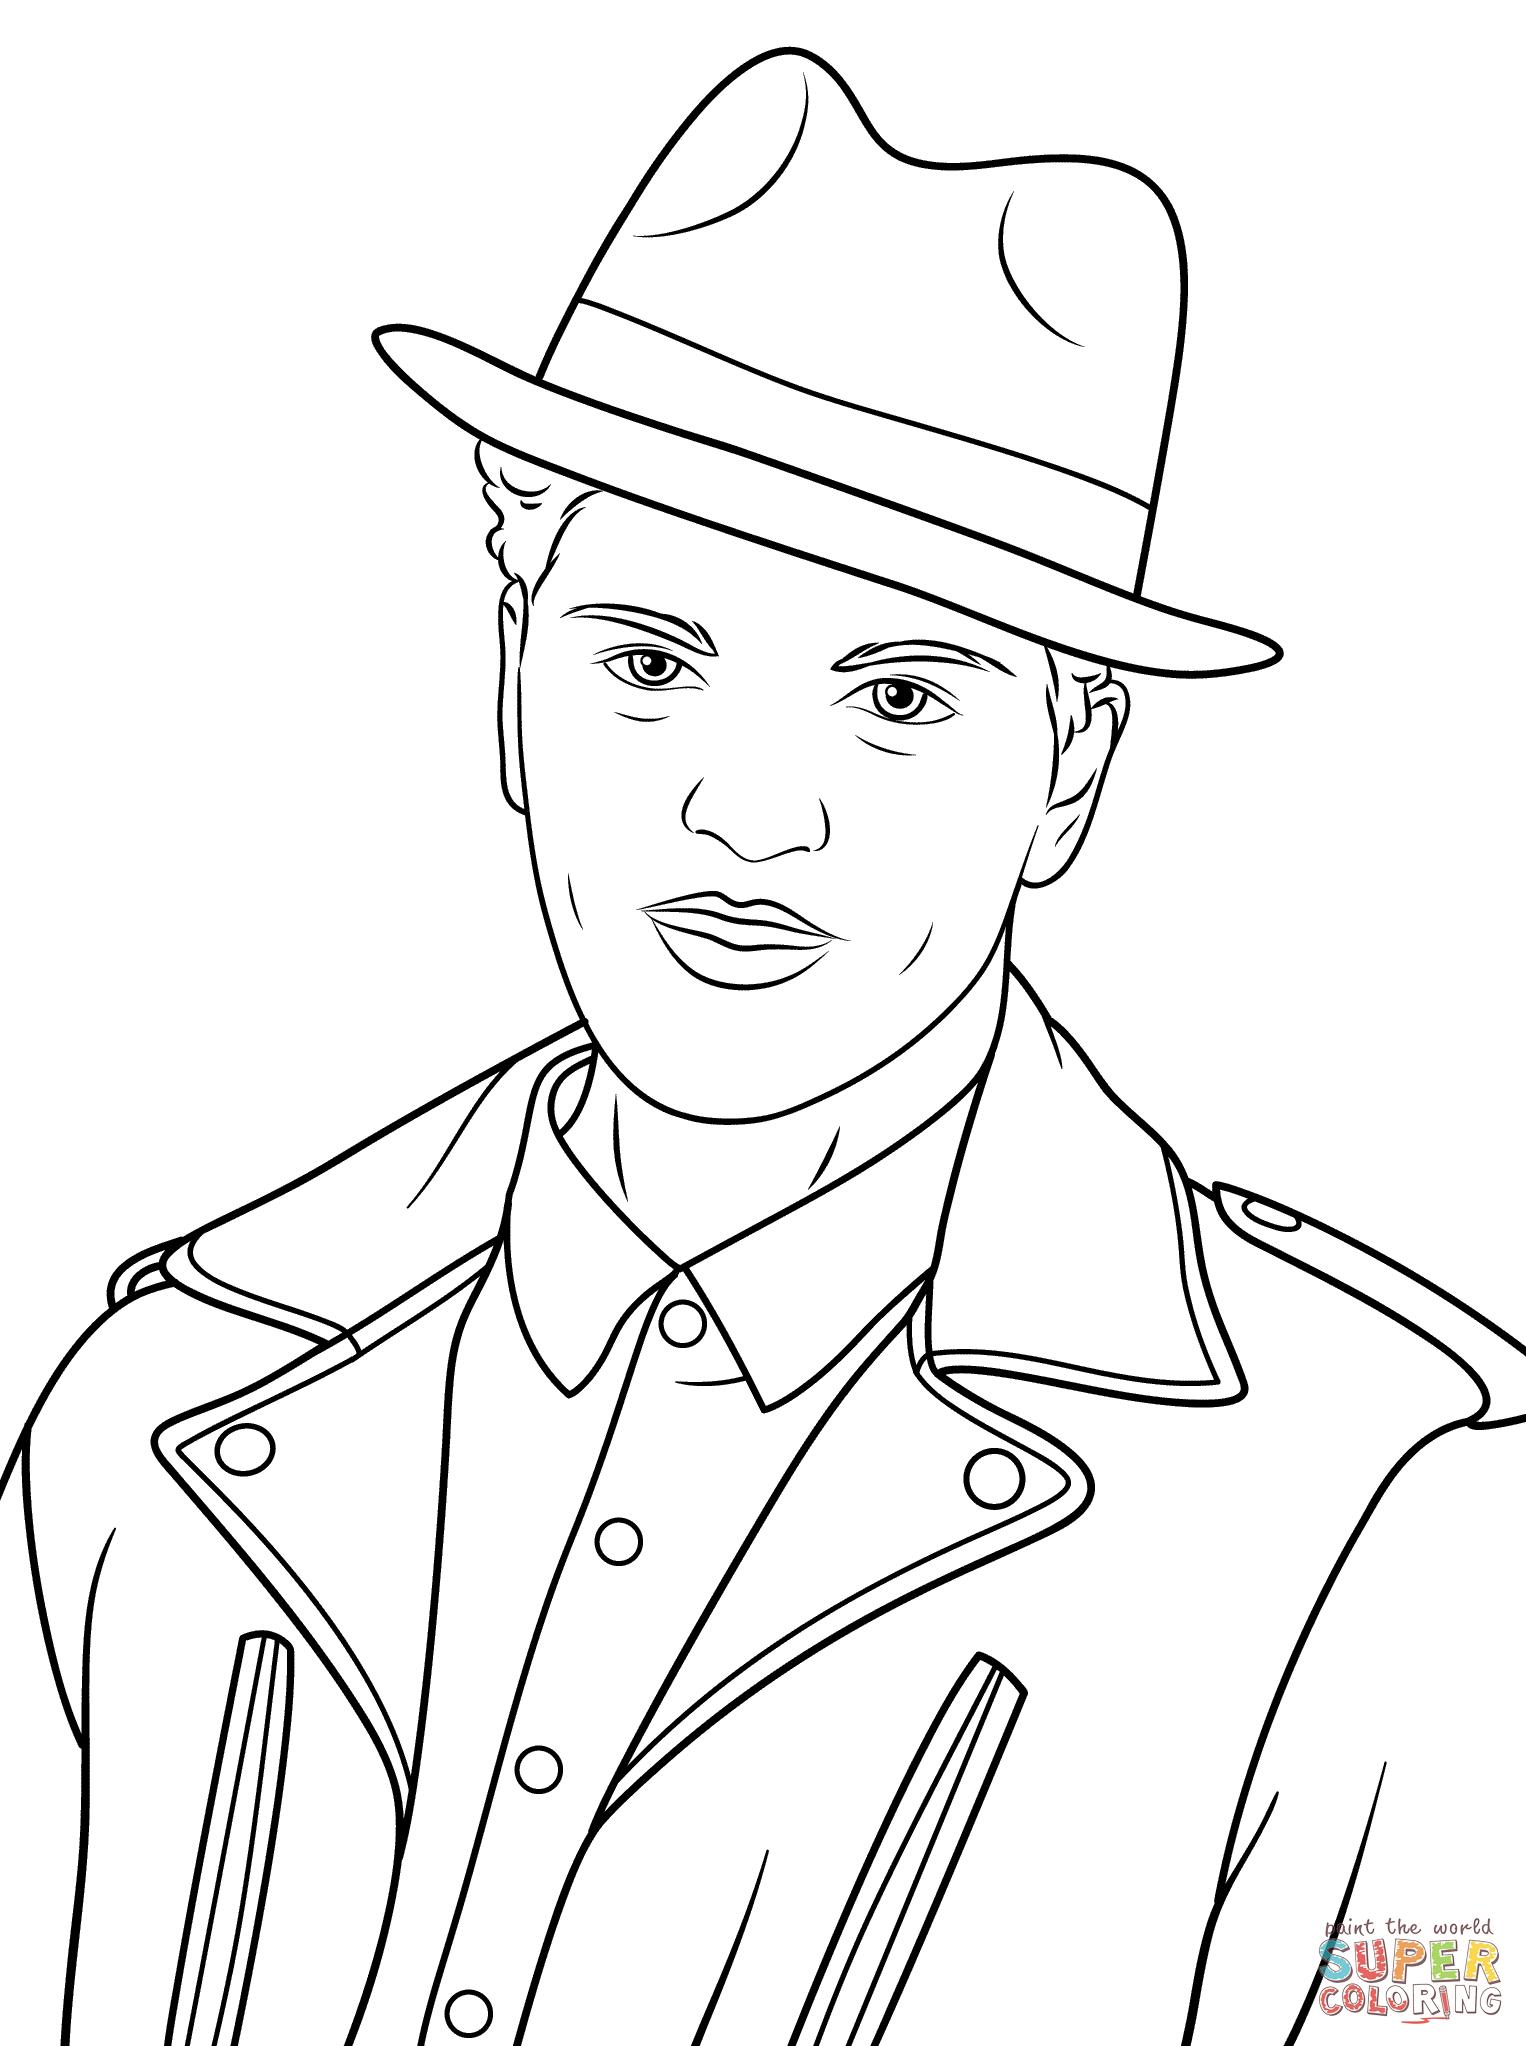 Dibujo De Bruno Mars Para Colorear